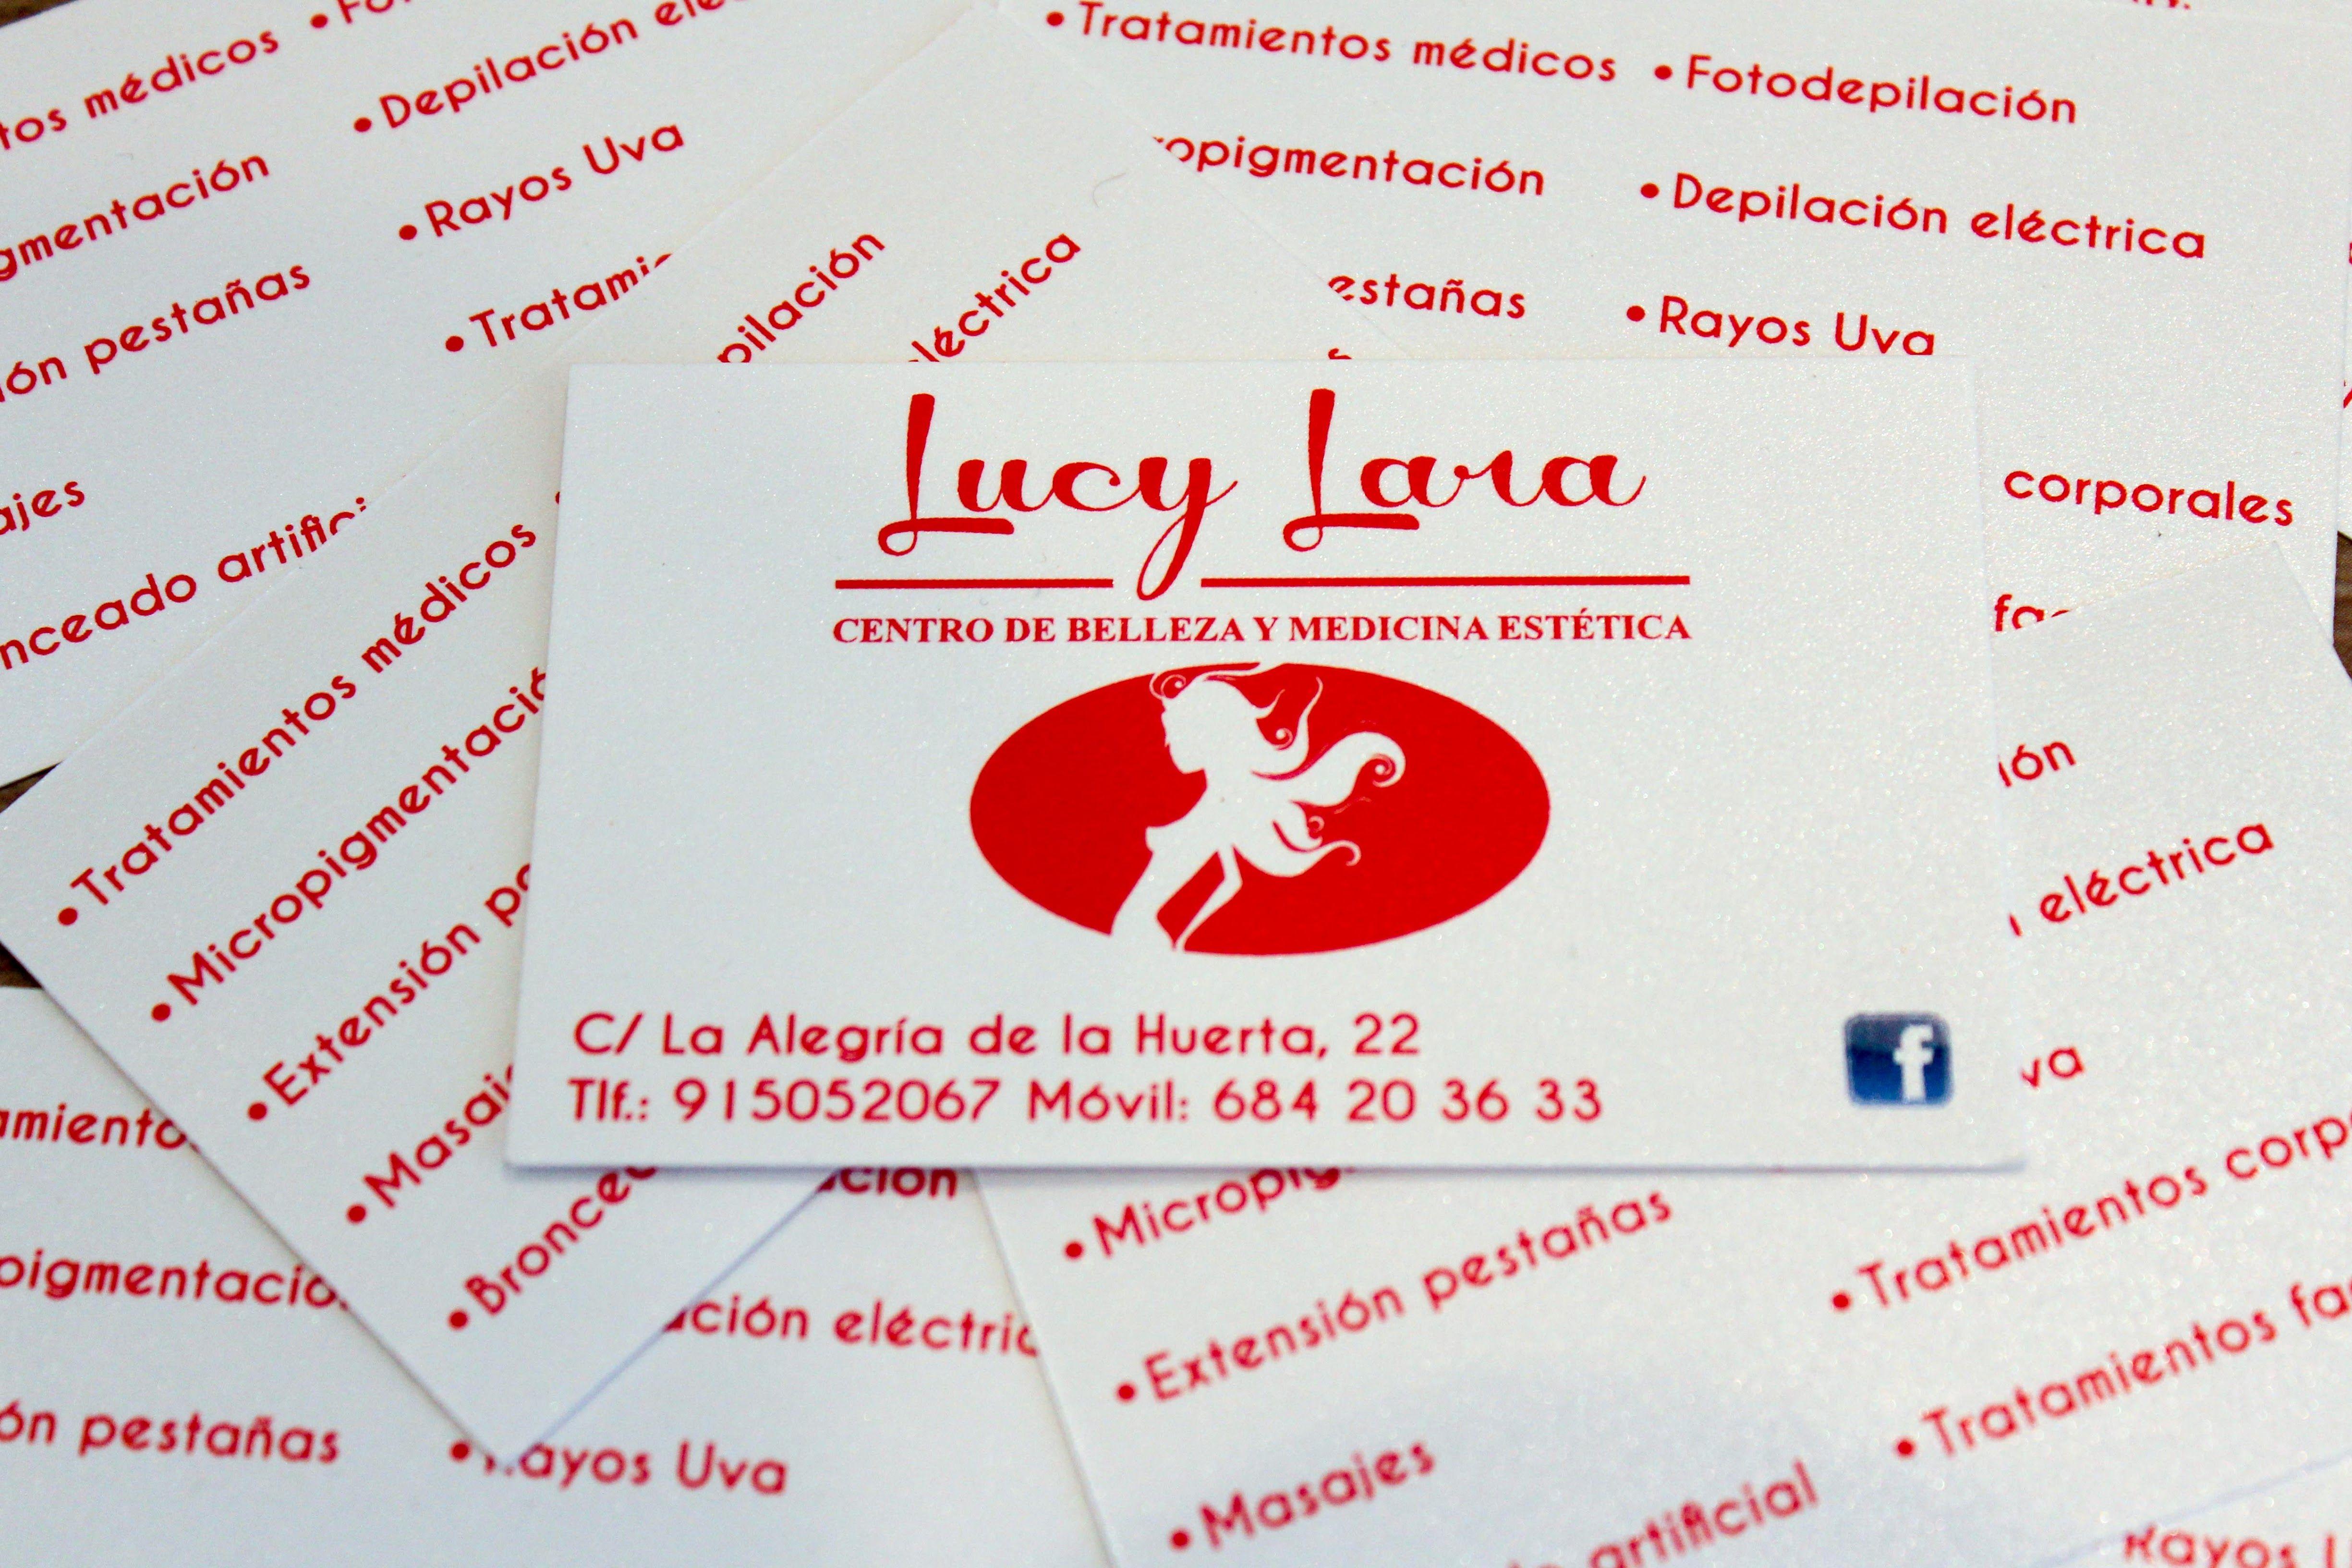 Foto 5 de Centros de estética en Madrid | Centro de belleza y medicina estética Lucy Lara